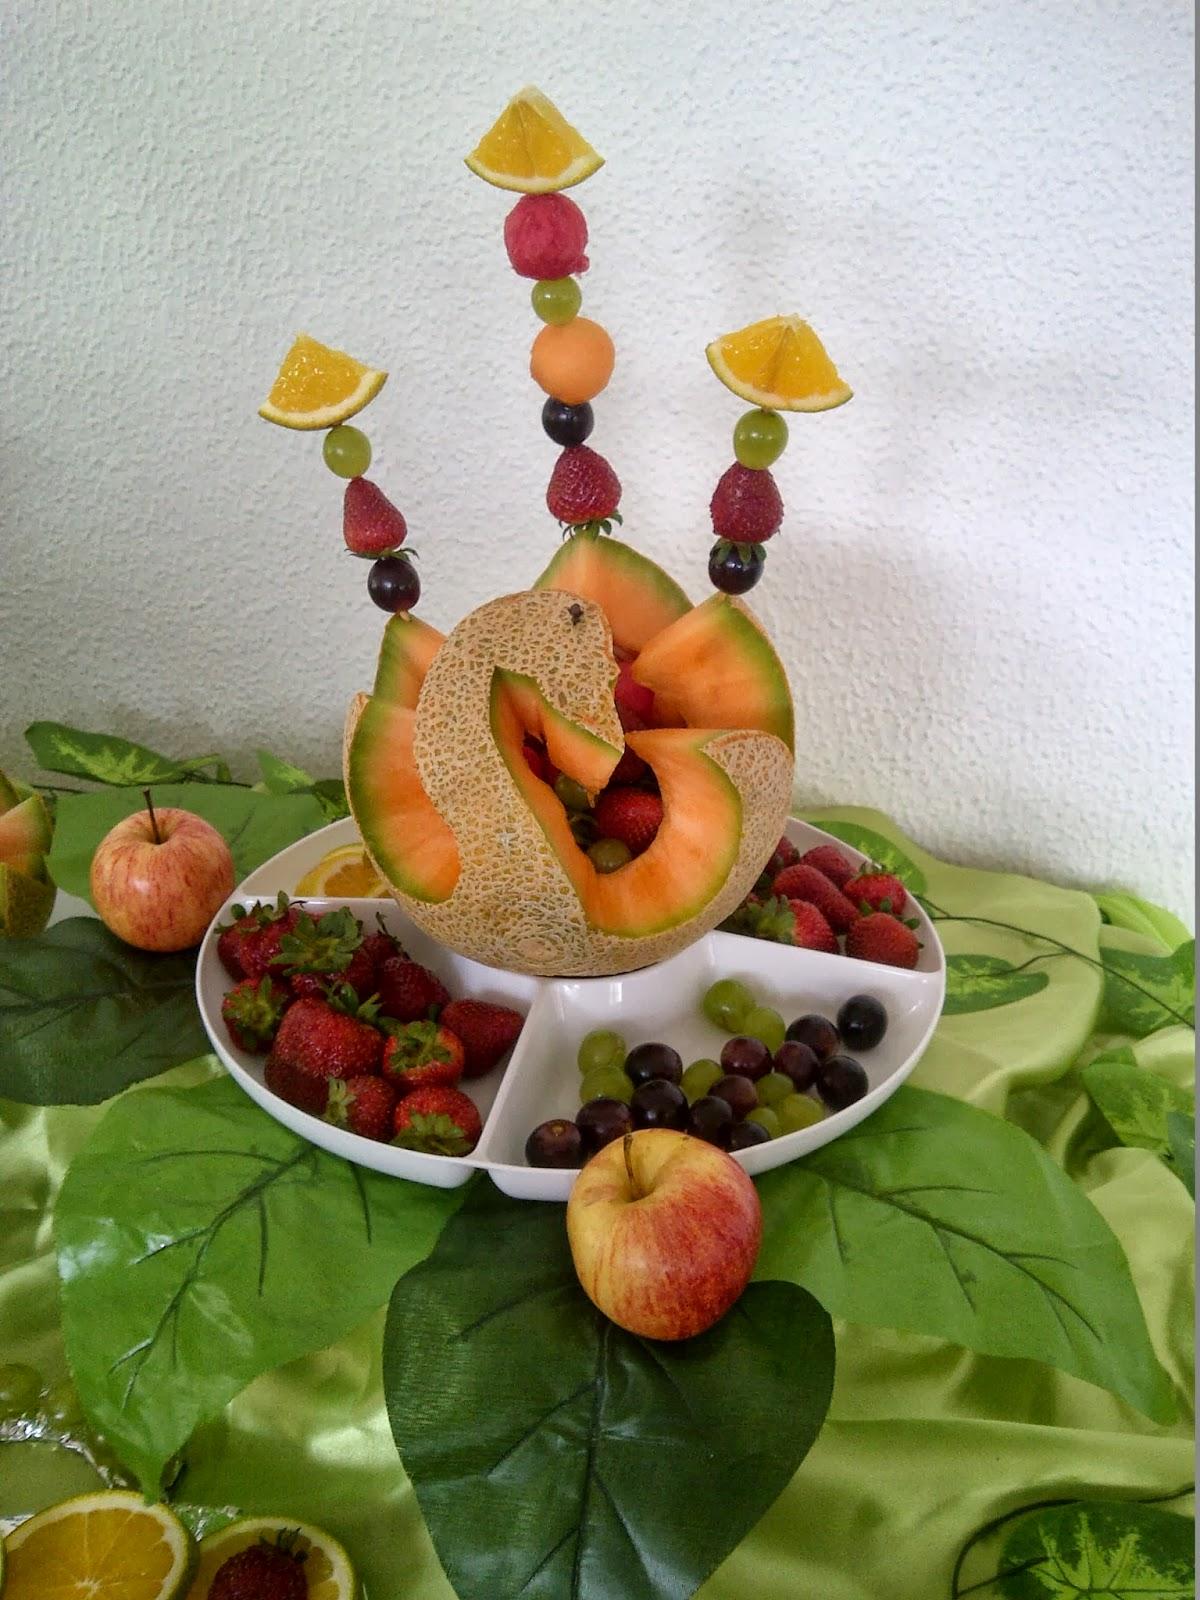 Mesas decoradas con frutas imagui - Fotos de mesas decoradas ...